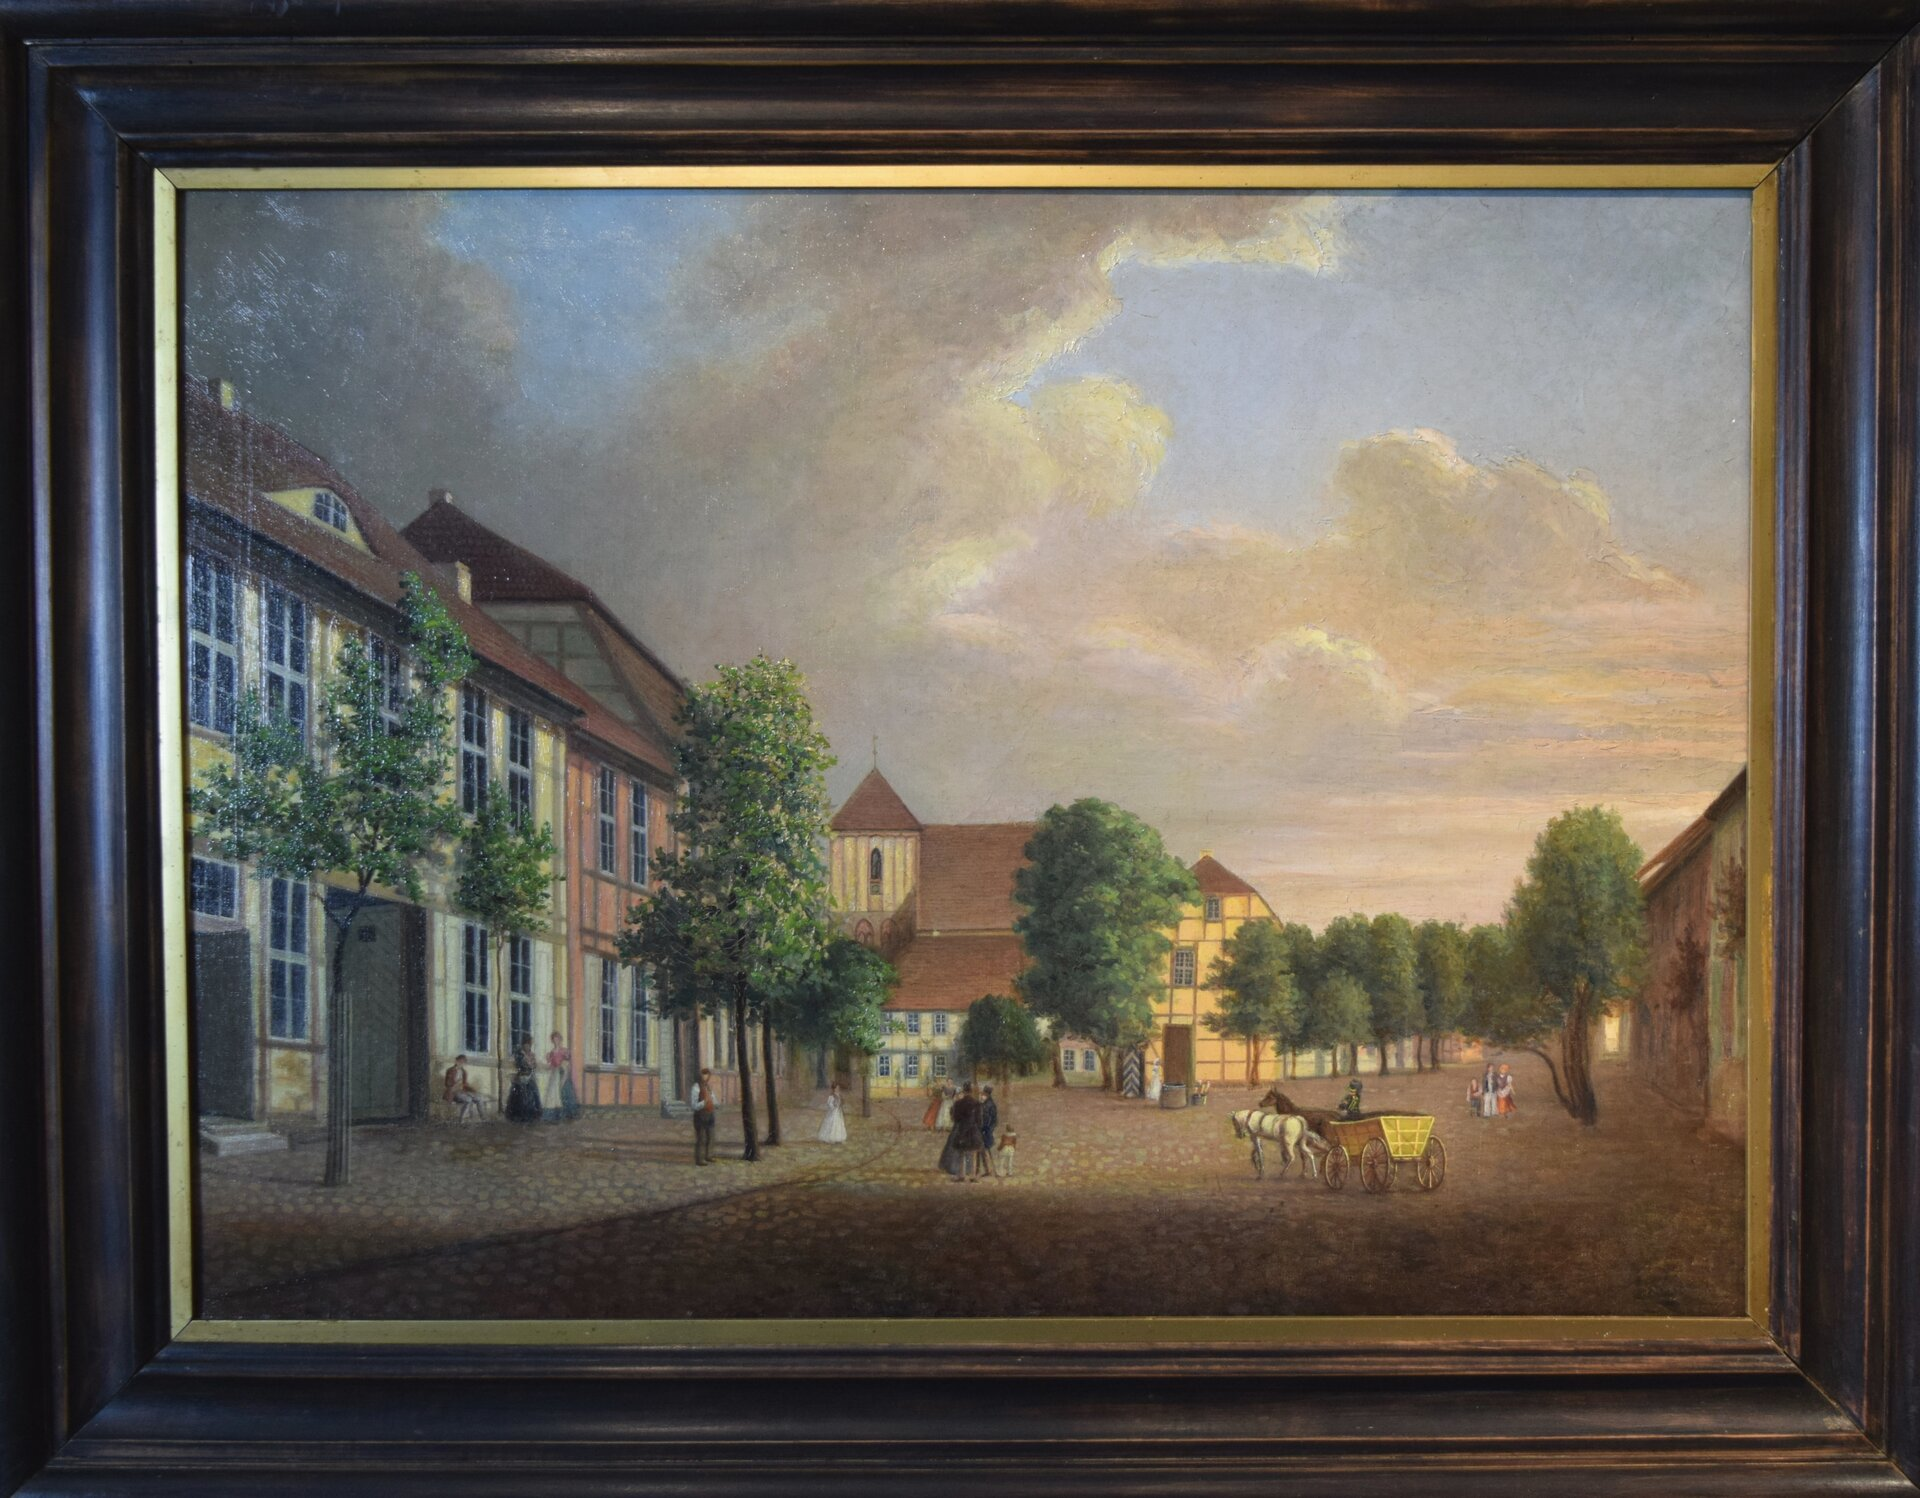 Ansicht des Marktes von 1839, Kopie eines Gemäldes von Wilhelm Barth Foto: Wegemuseum